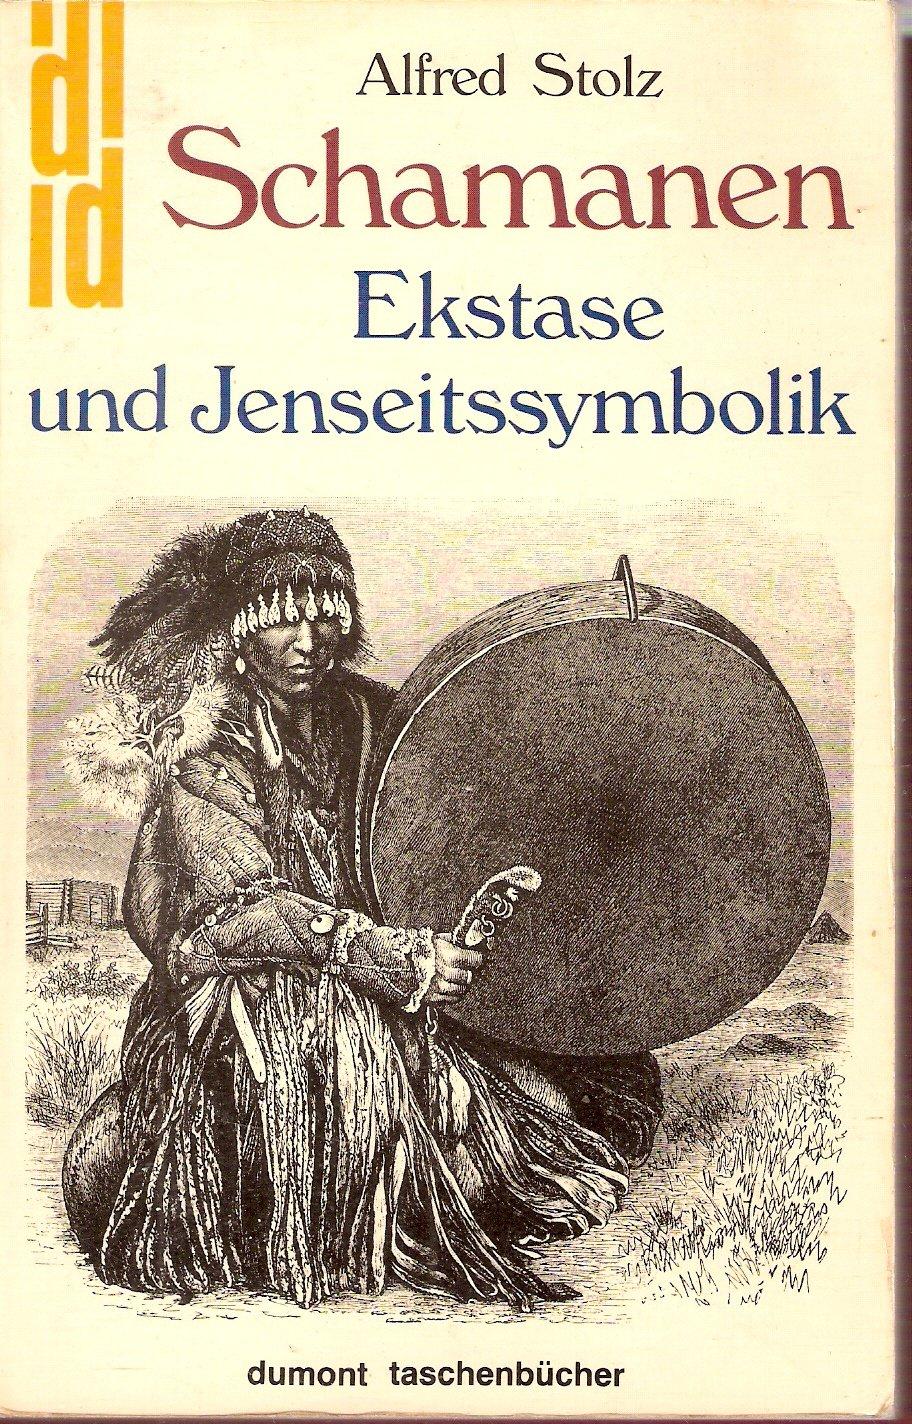 Schamanen. Ekstase und Jenseitssymbolik.